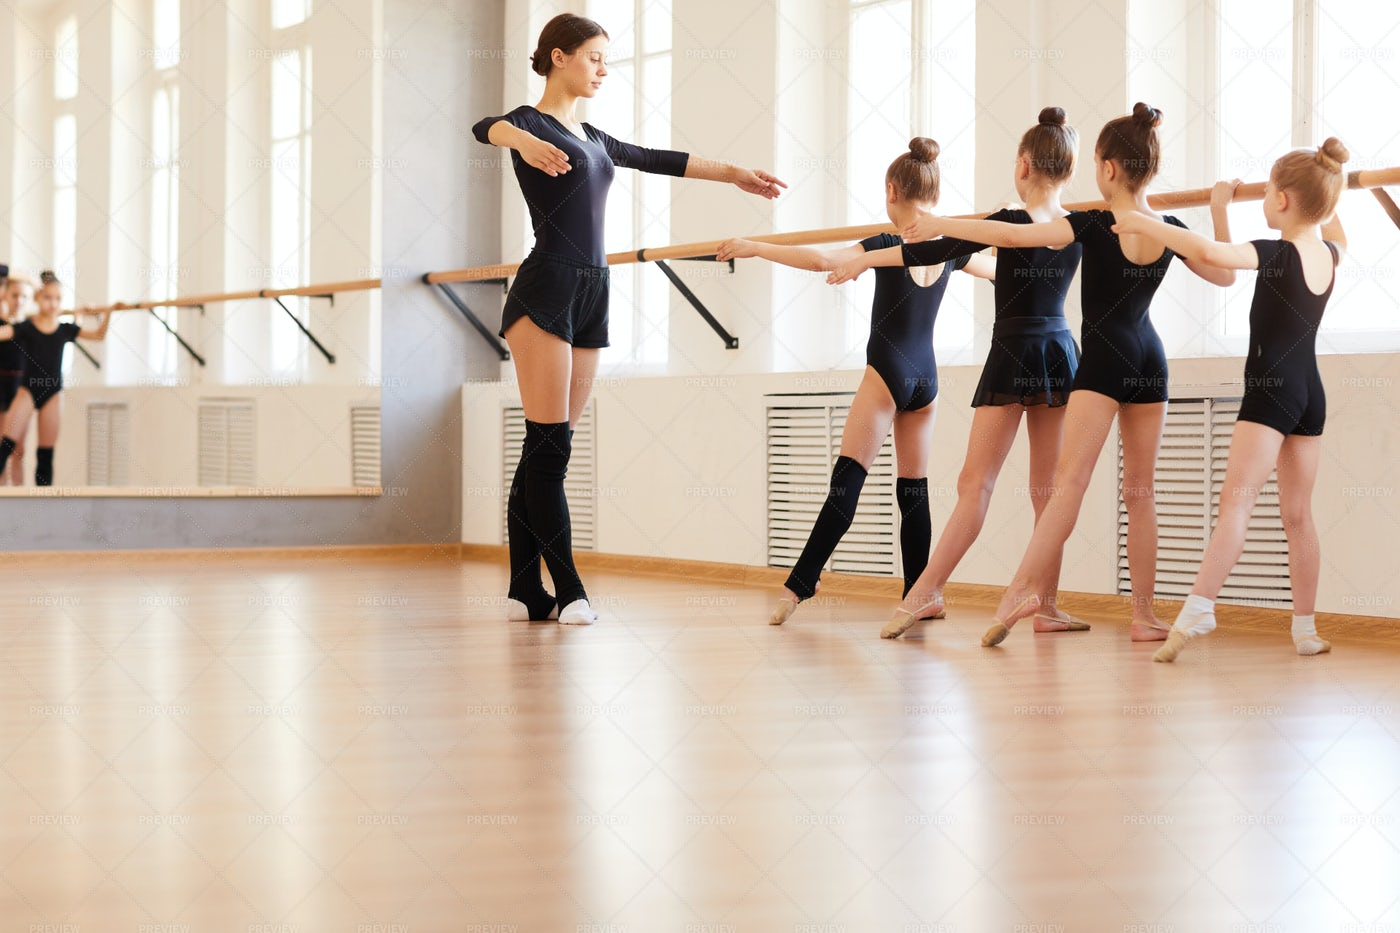 Girls In Ballet School: Stock Photos